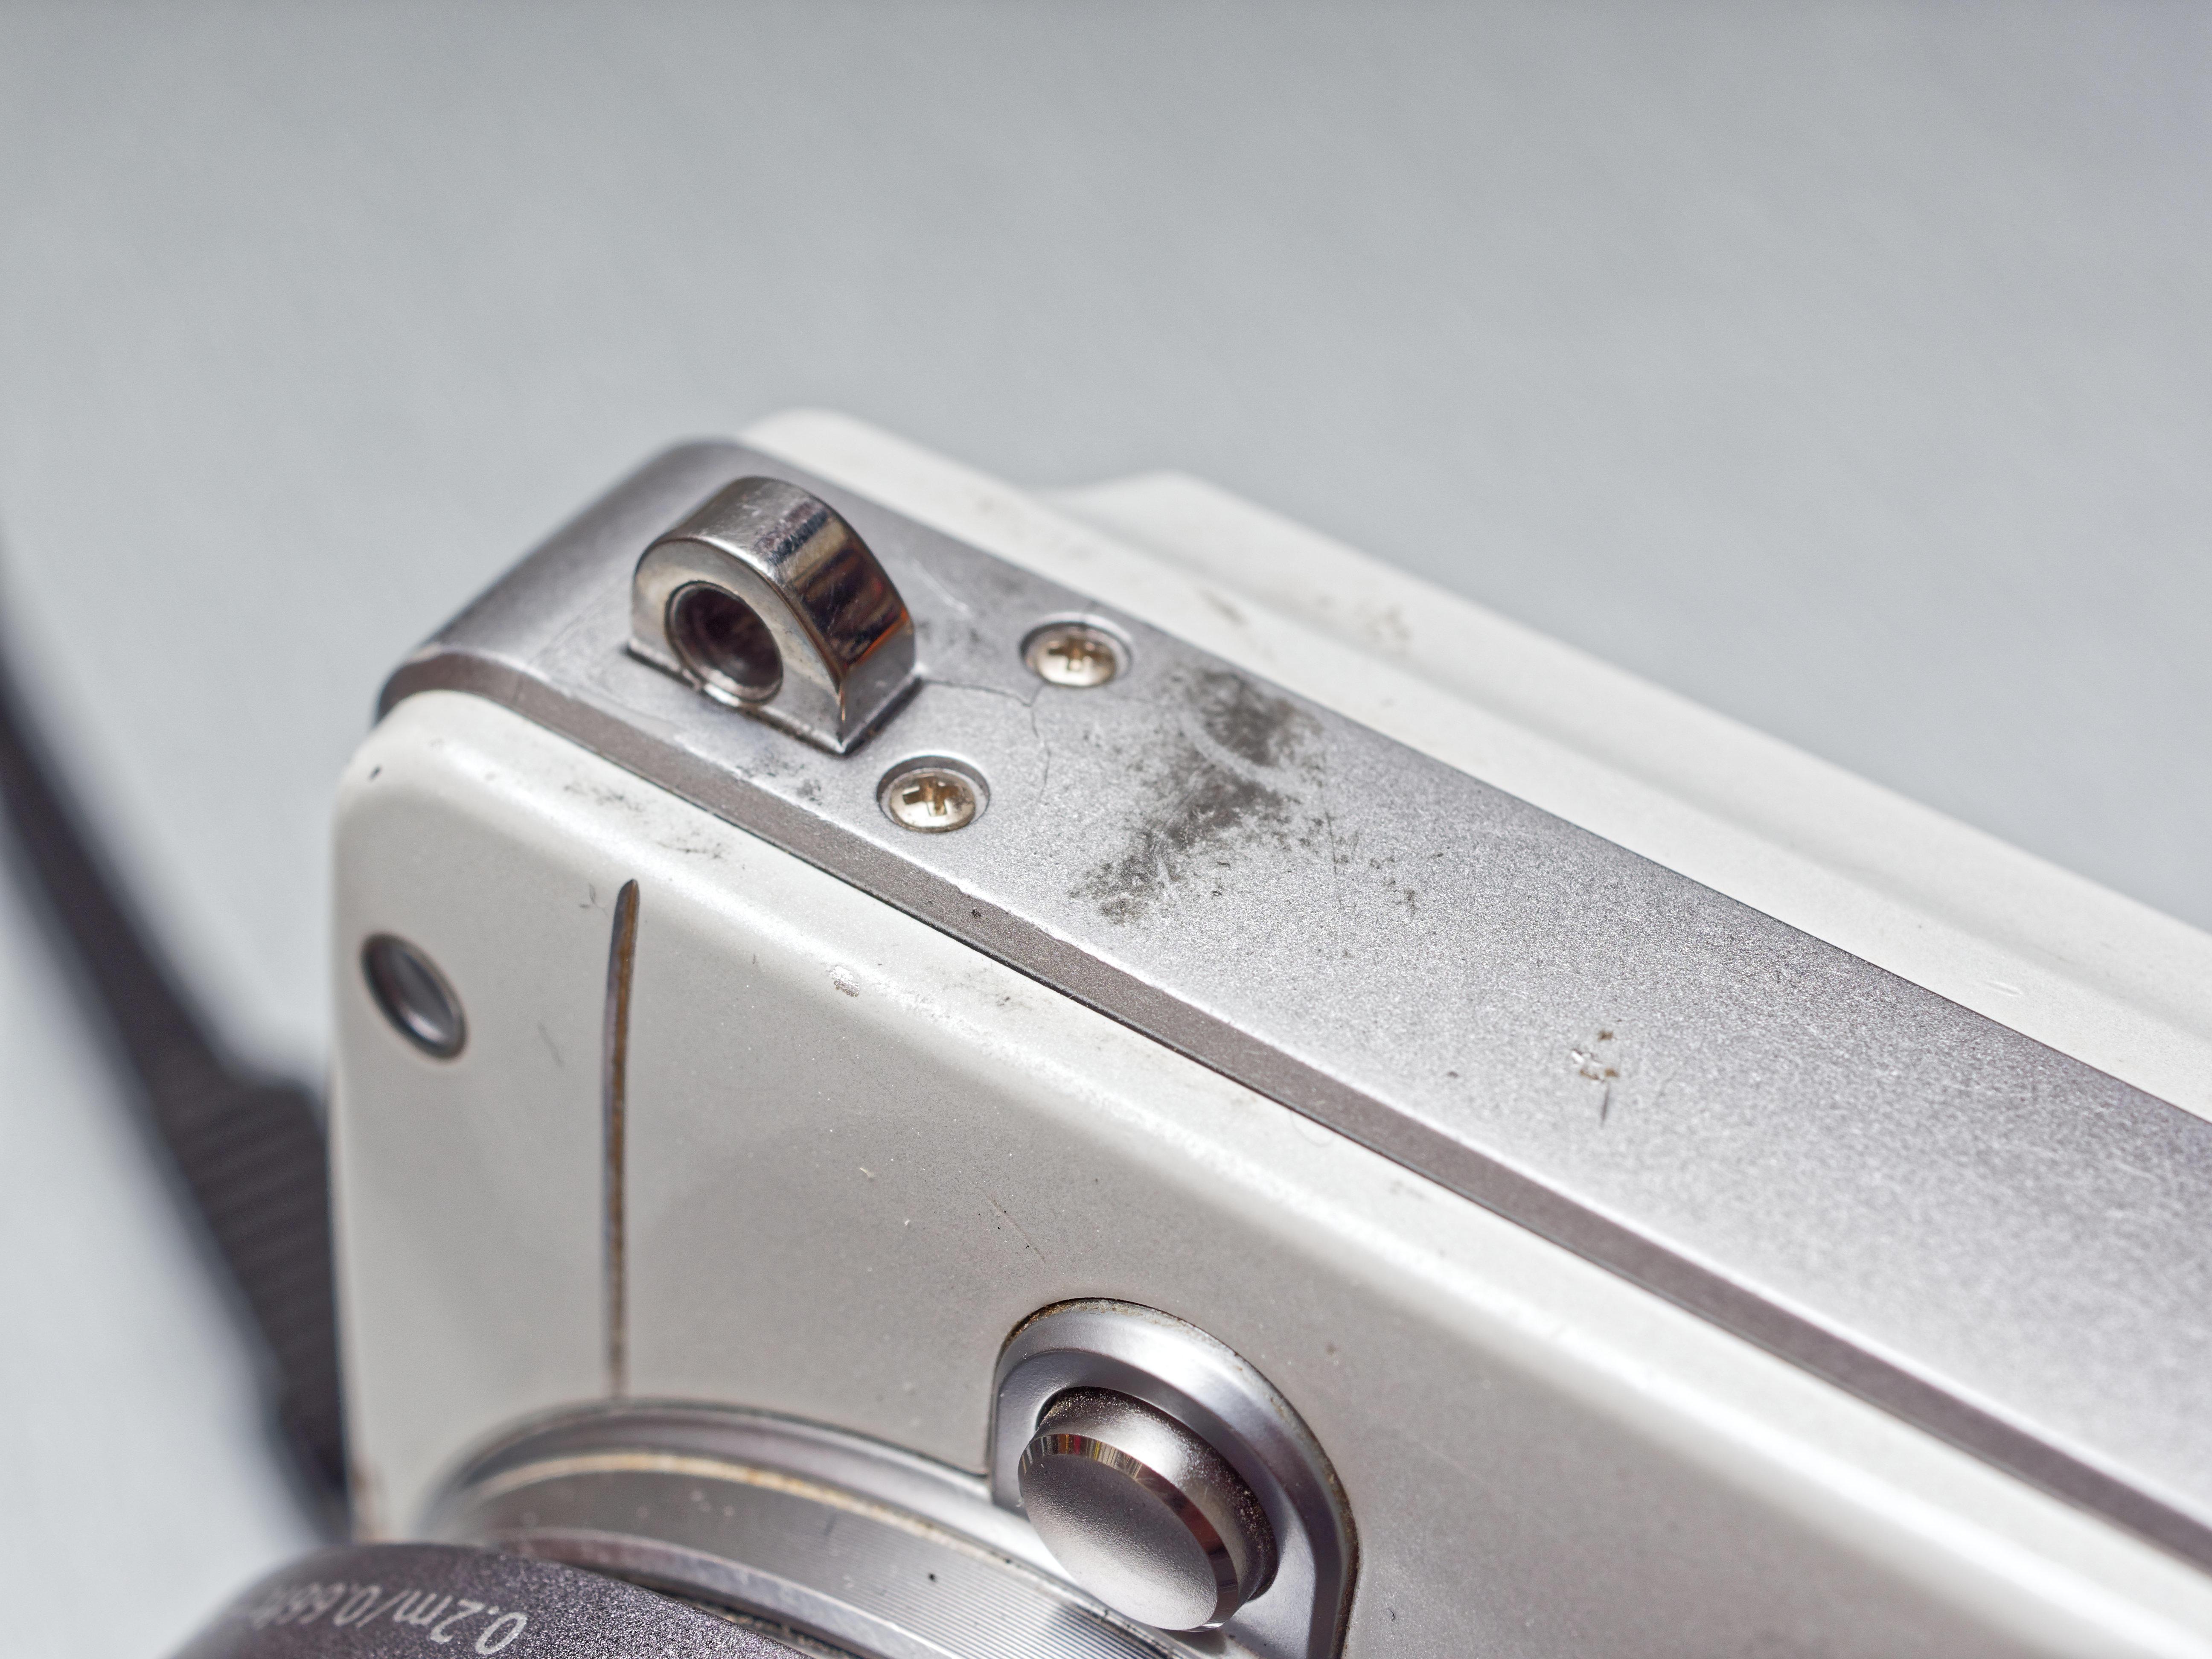 Camera-strap-1.jpeg